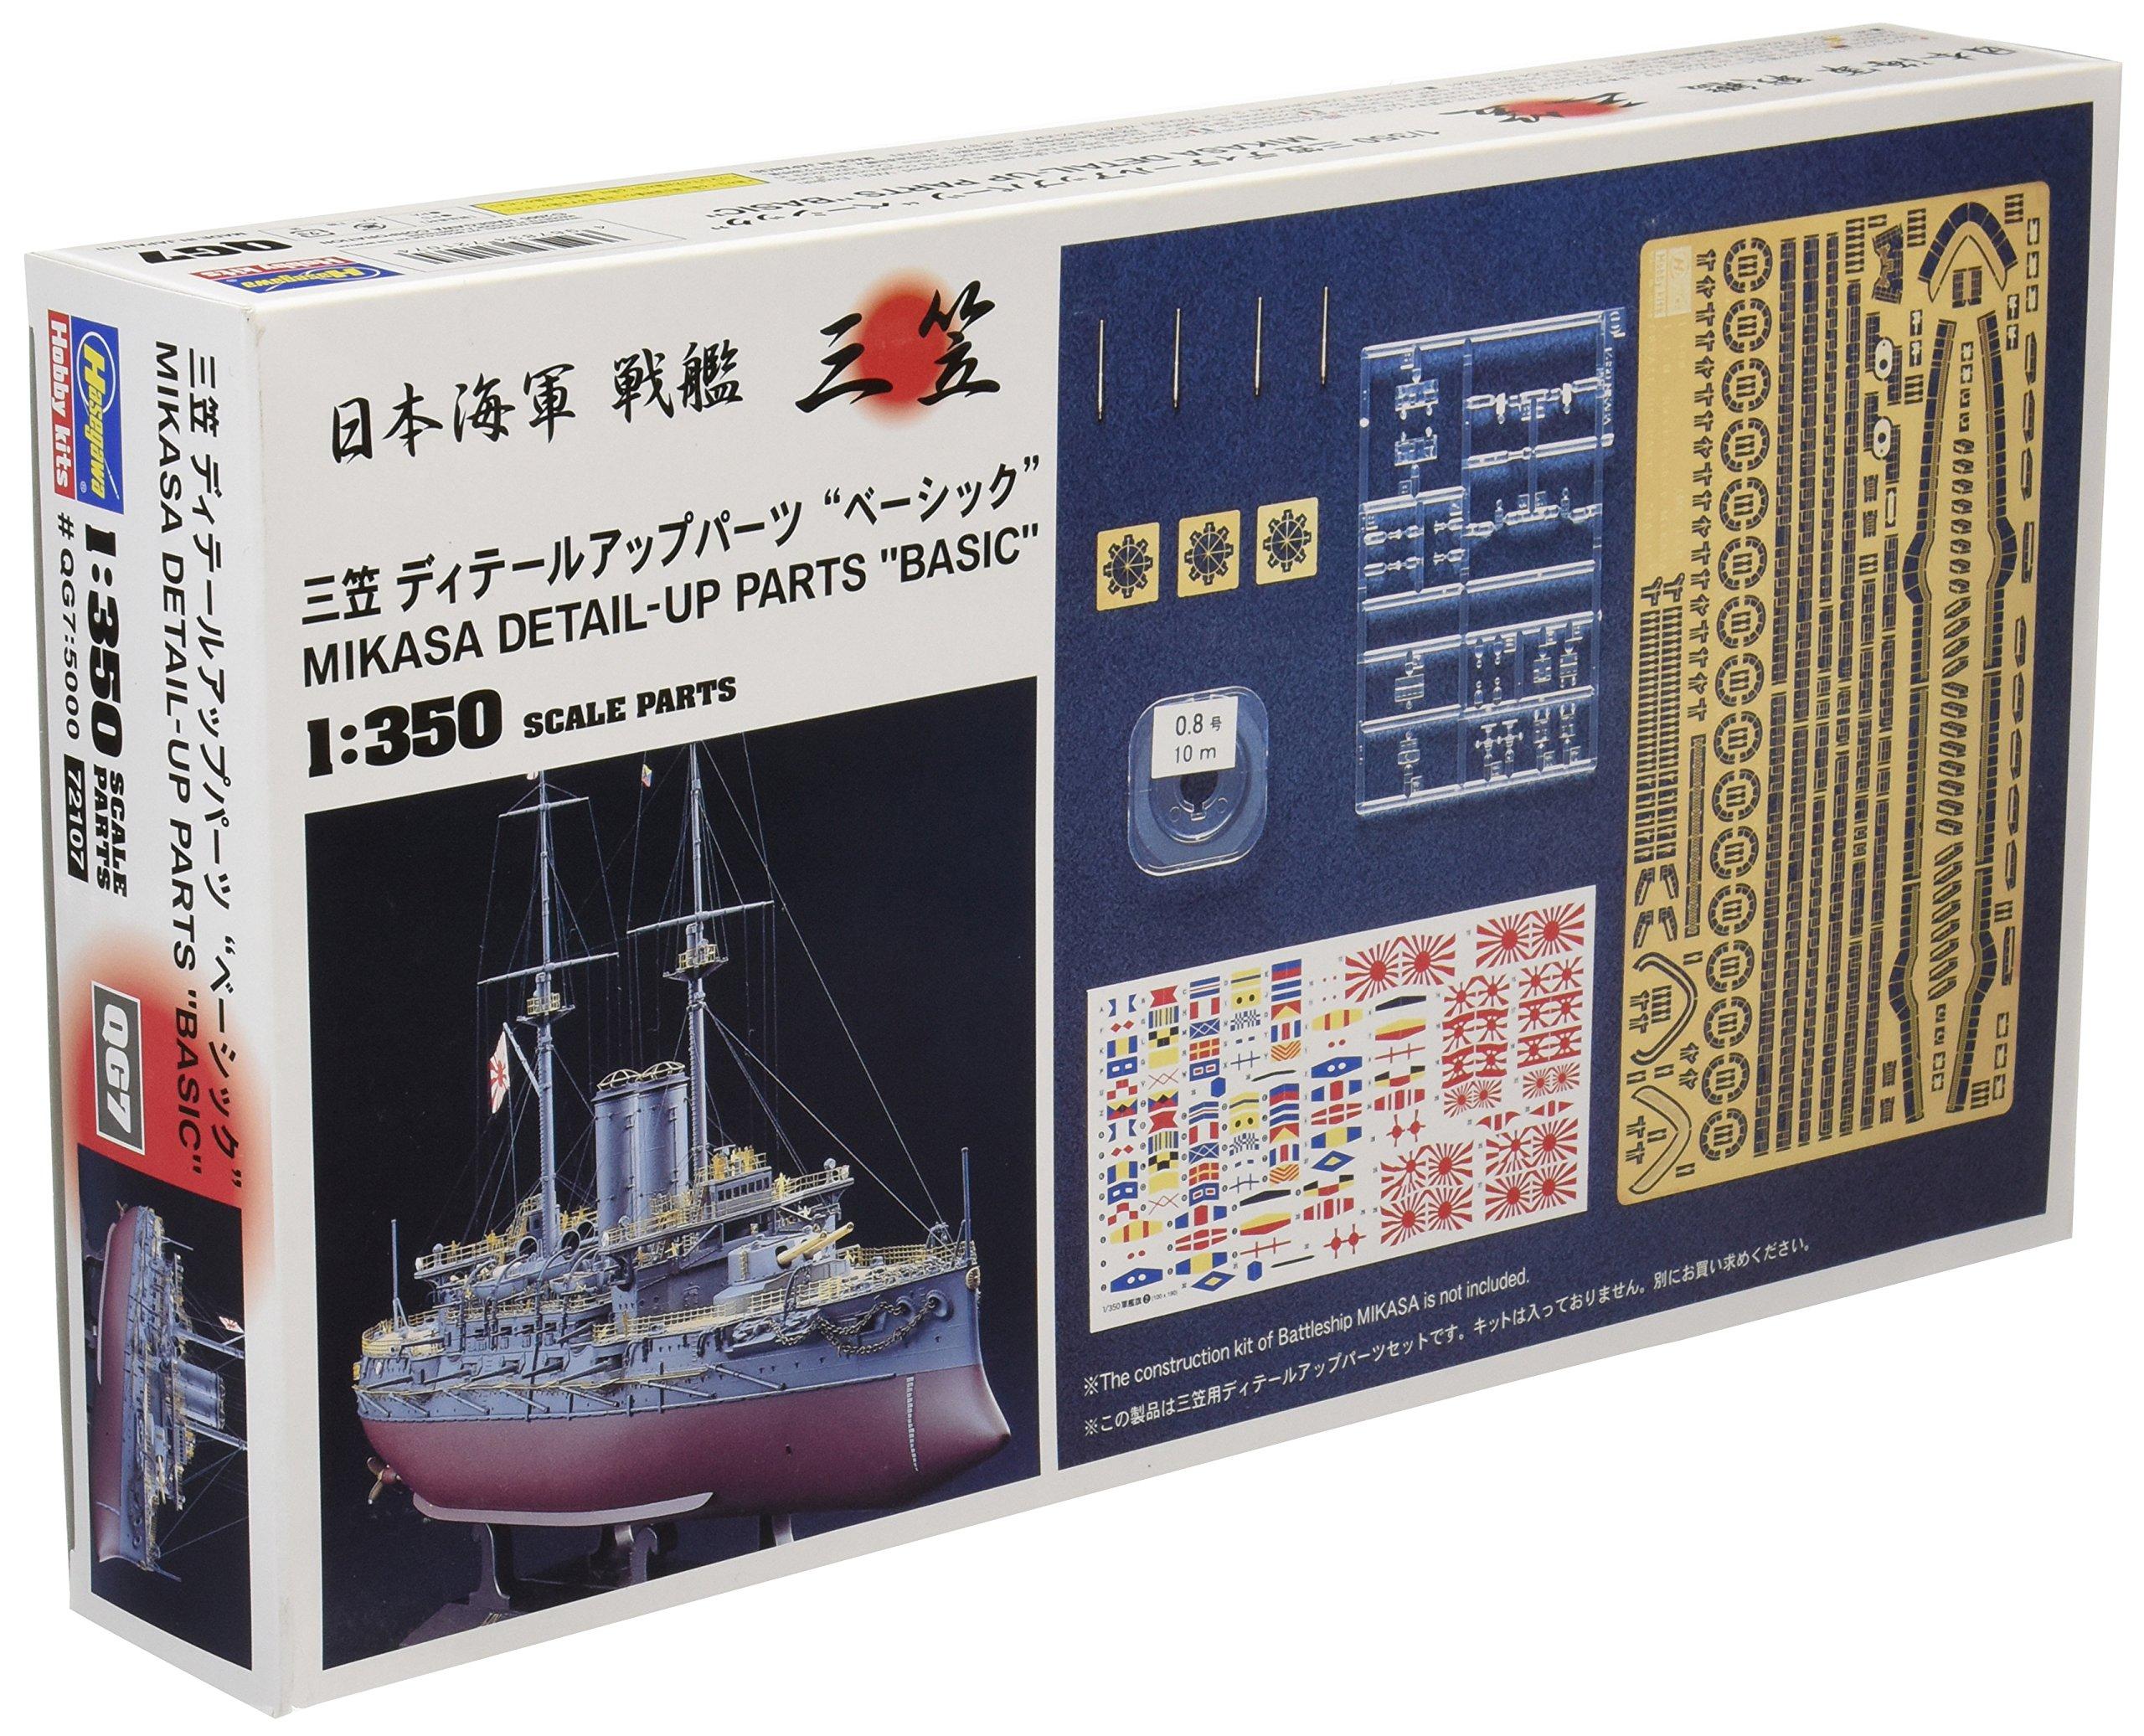 HASEGAWA 72107 1/350 Mikasa Detail-Up Parts Basic